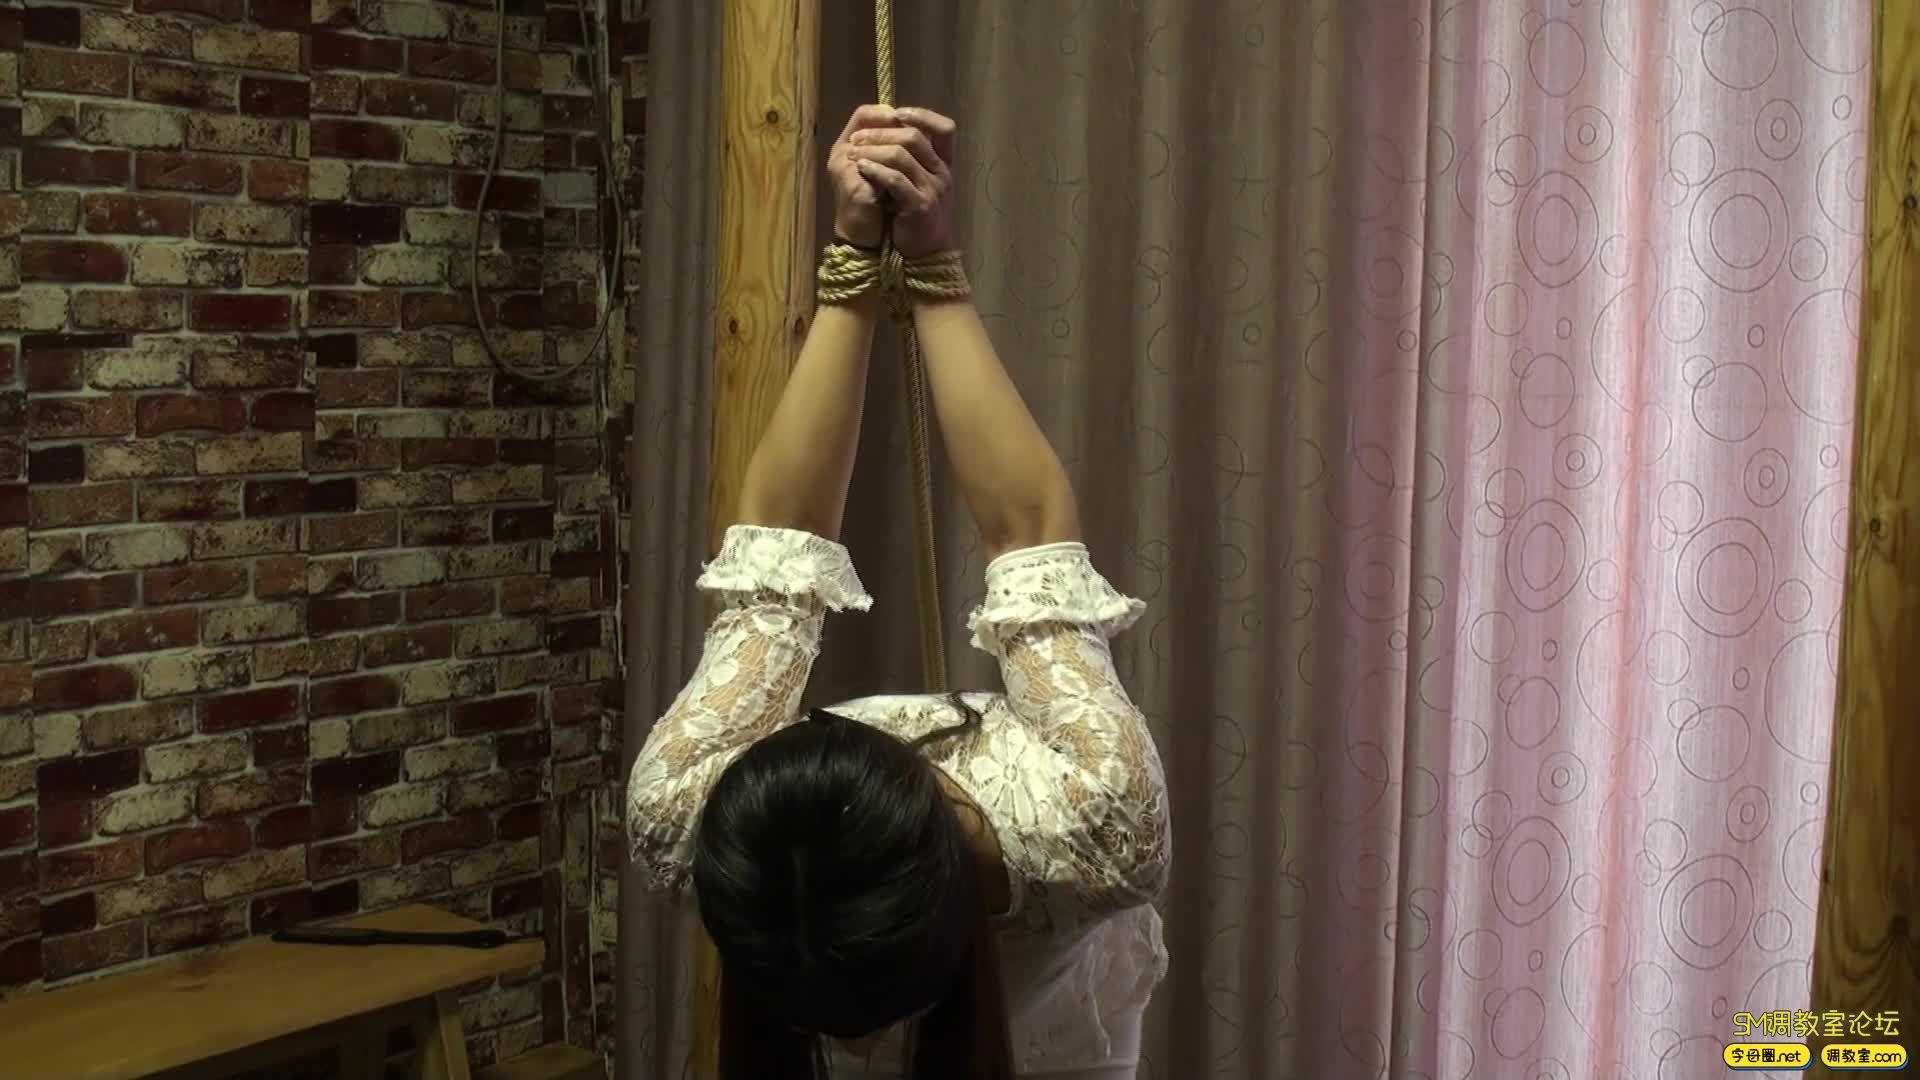 随心原创 紧缚遮拦夫人 装箱 股绳摩擦 固定 单腿吊  杠子-2.jpg-SM调教圈论坛[国产绳艺在线播放专区]